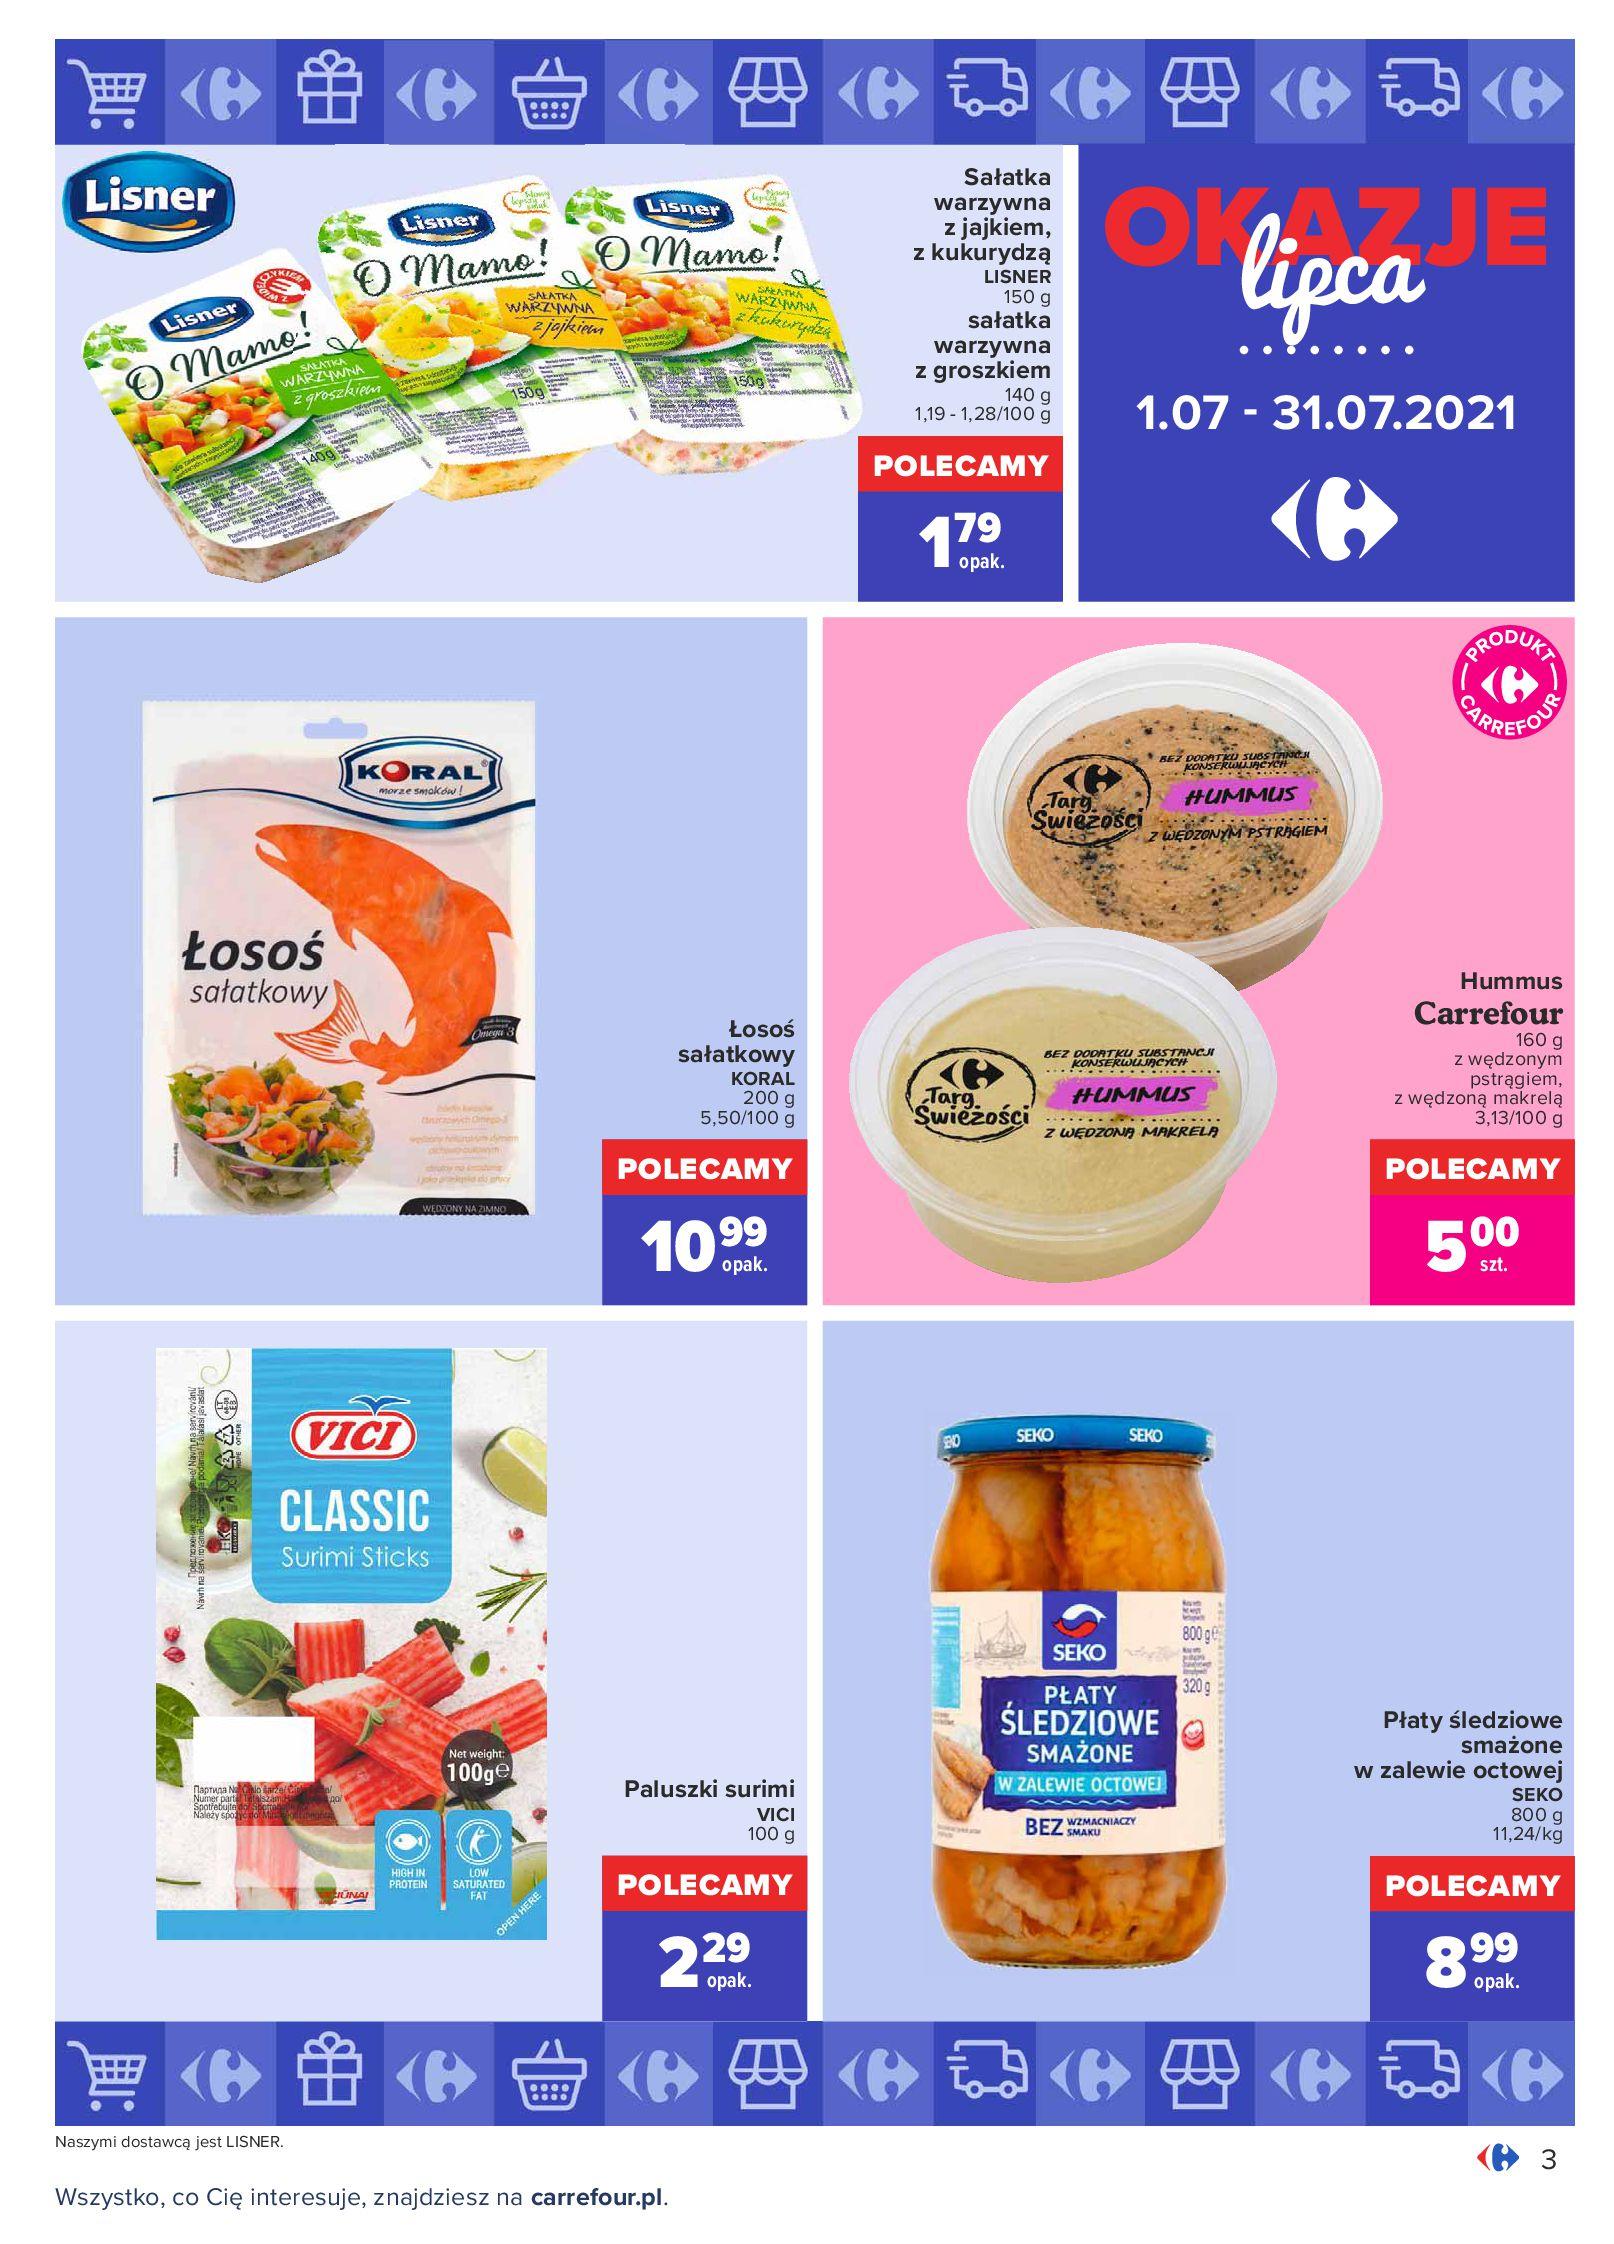 Gazetka Carrefour: Gazetka Carrefour - Okazje lipca 2021-07-01 page-3